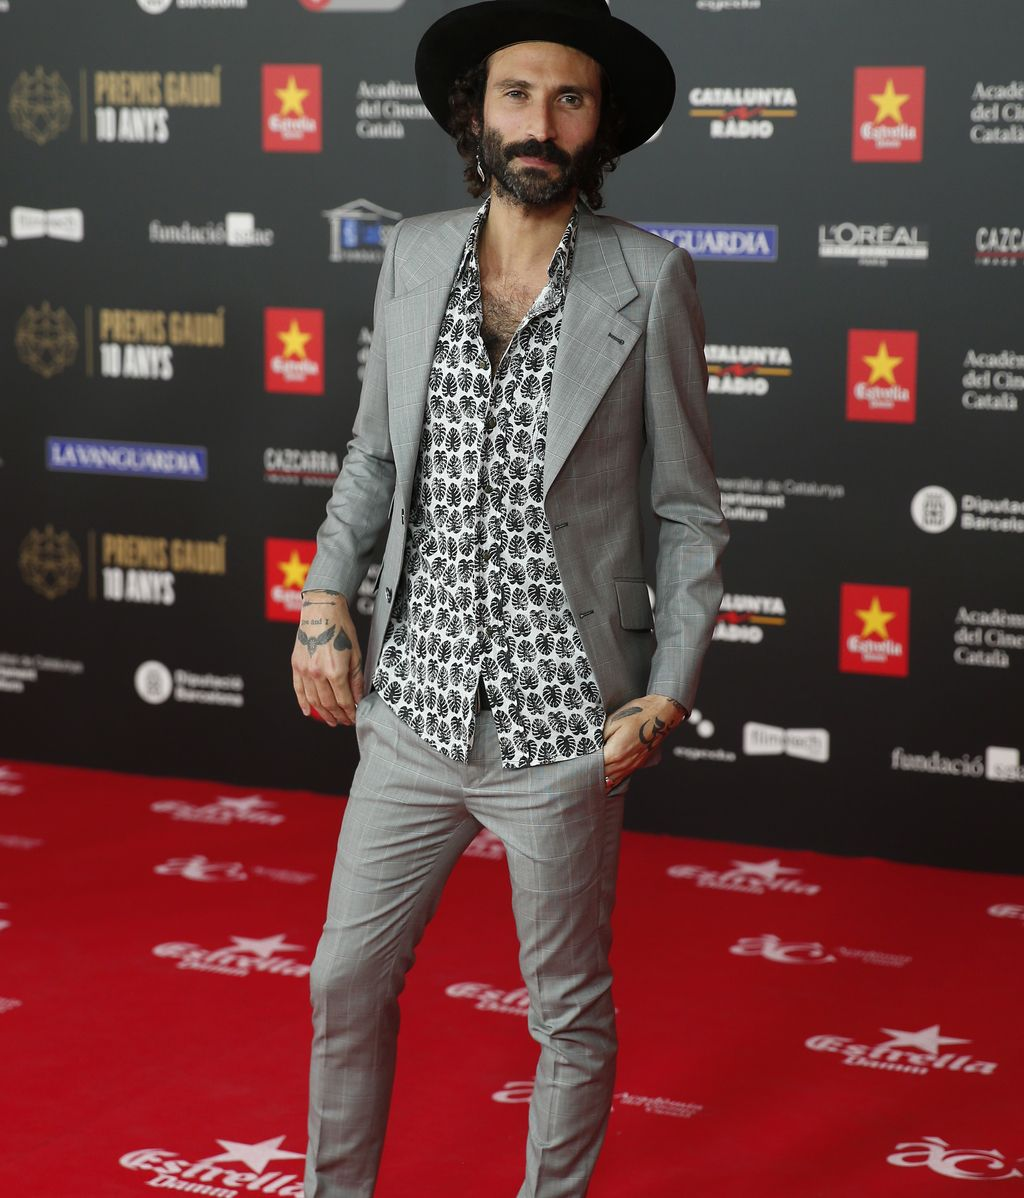 La alfombra roja de los X edición de los premios Gaudí foto a foto